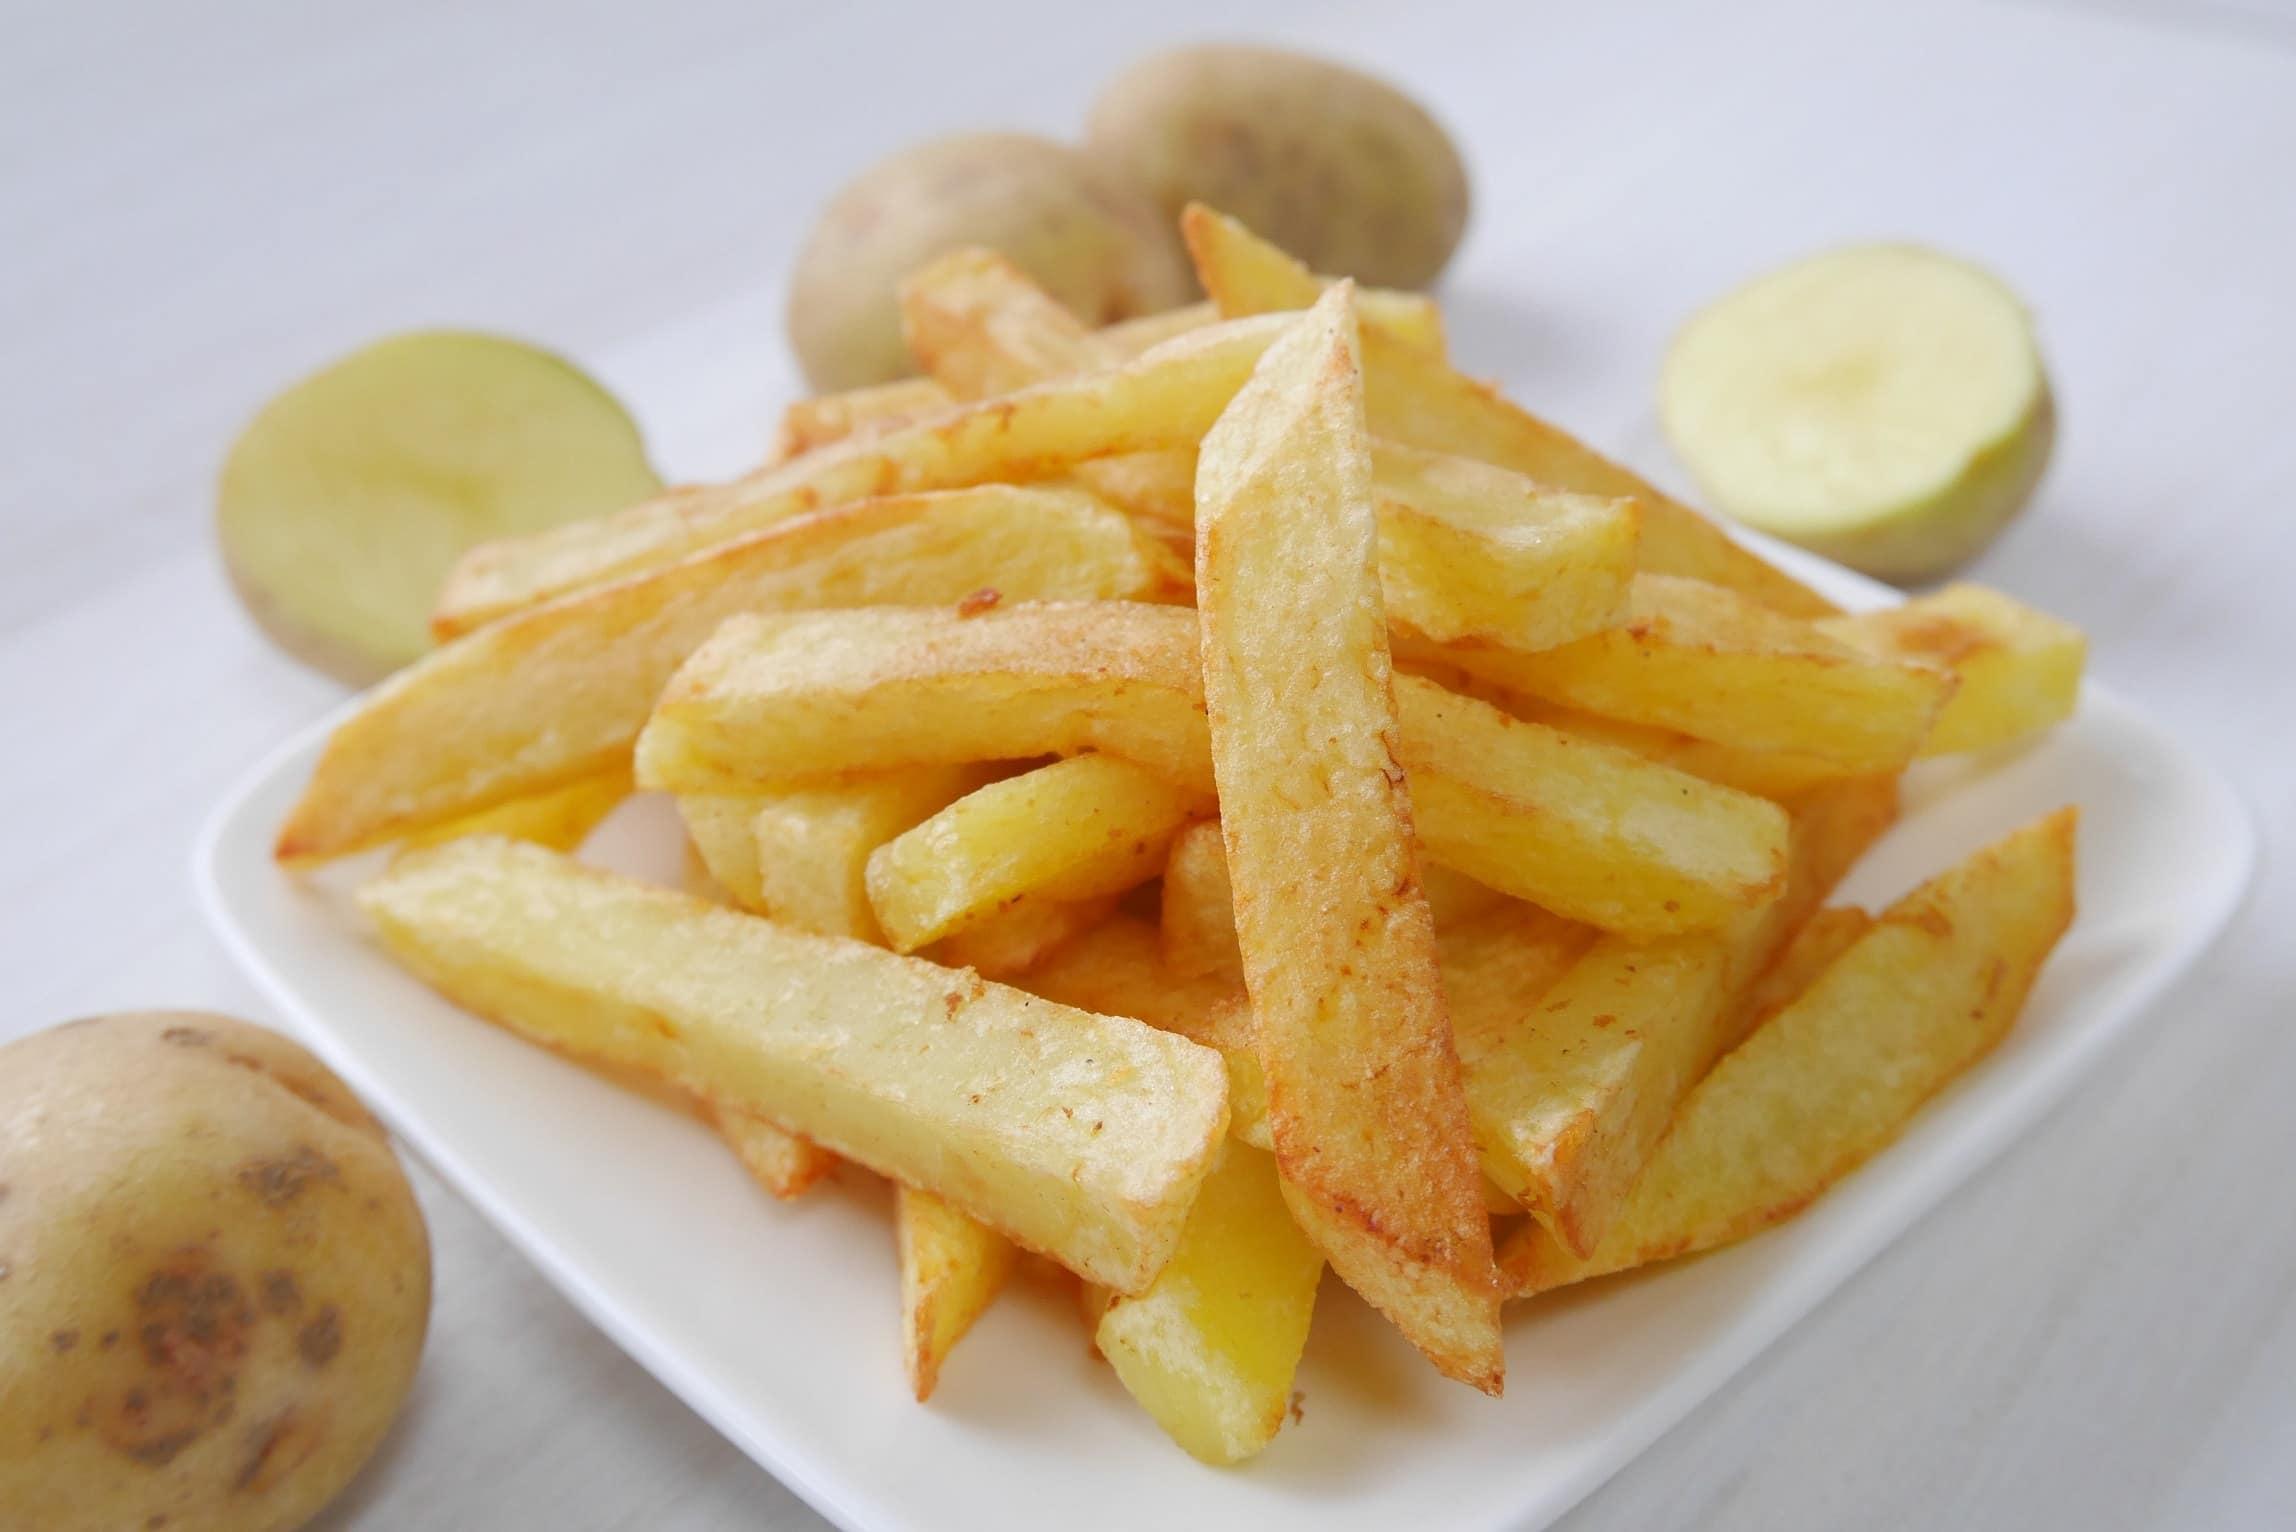 homemade crispy french fries baked